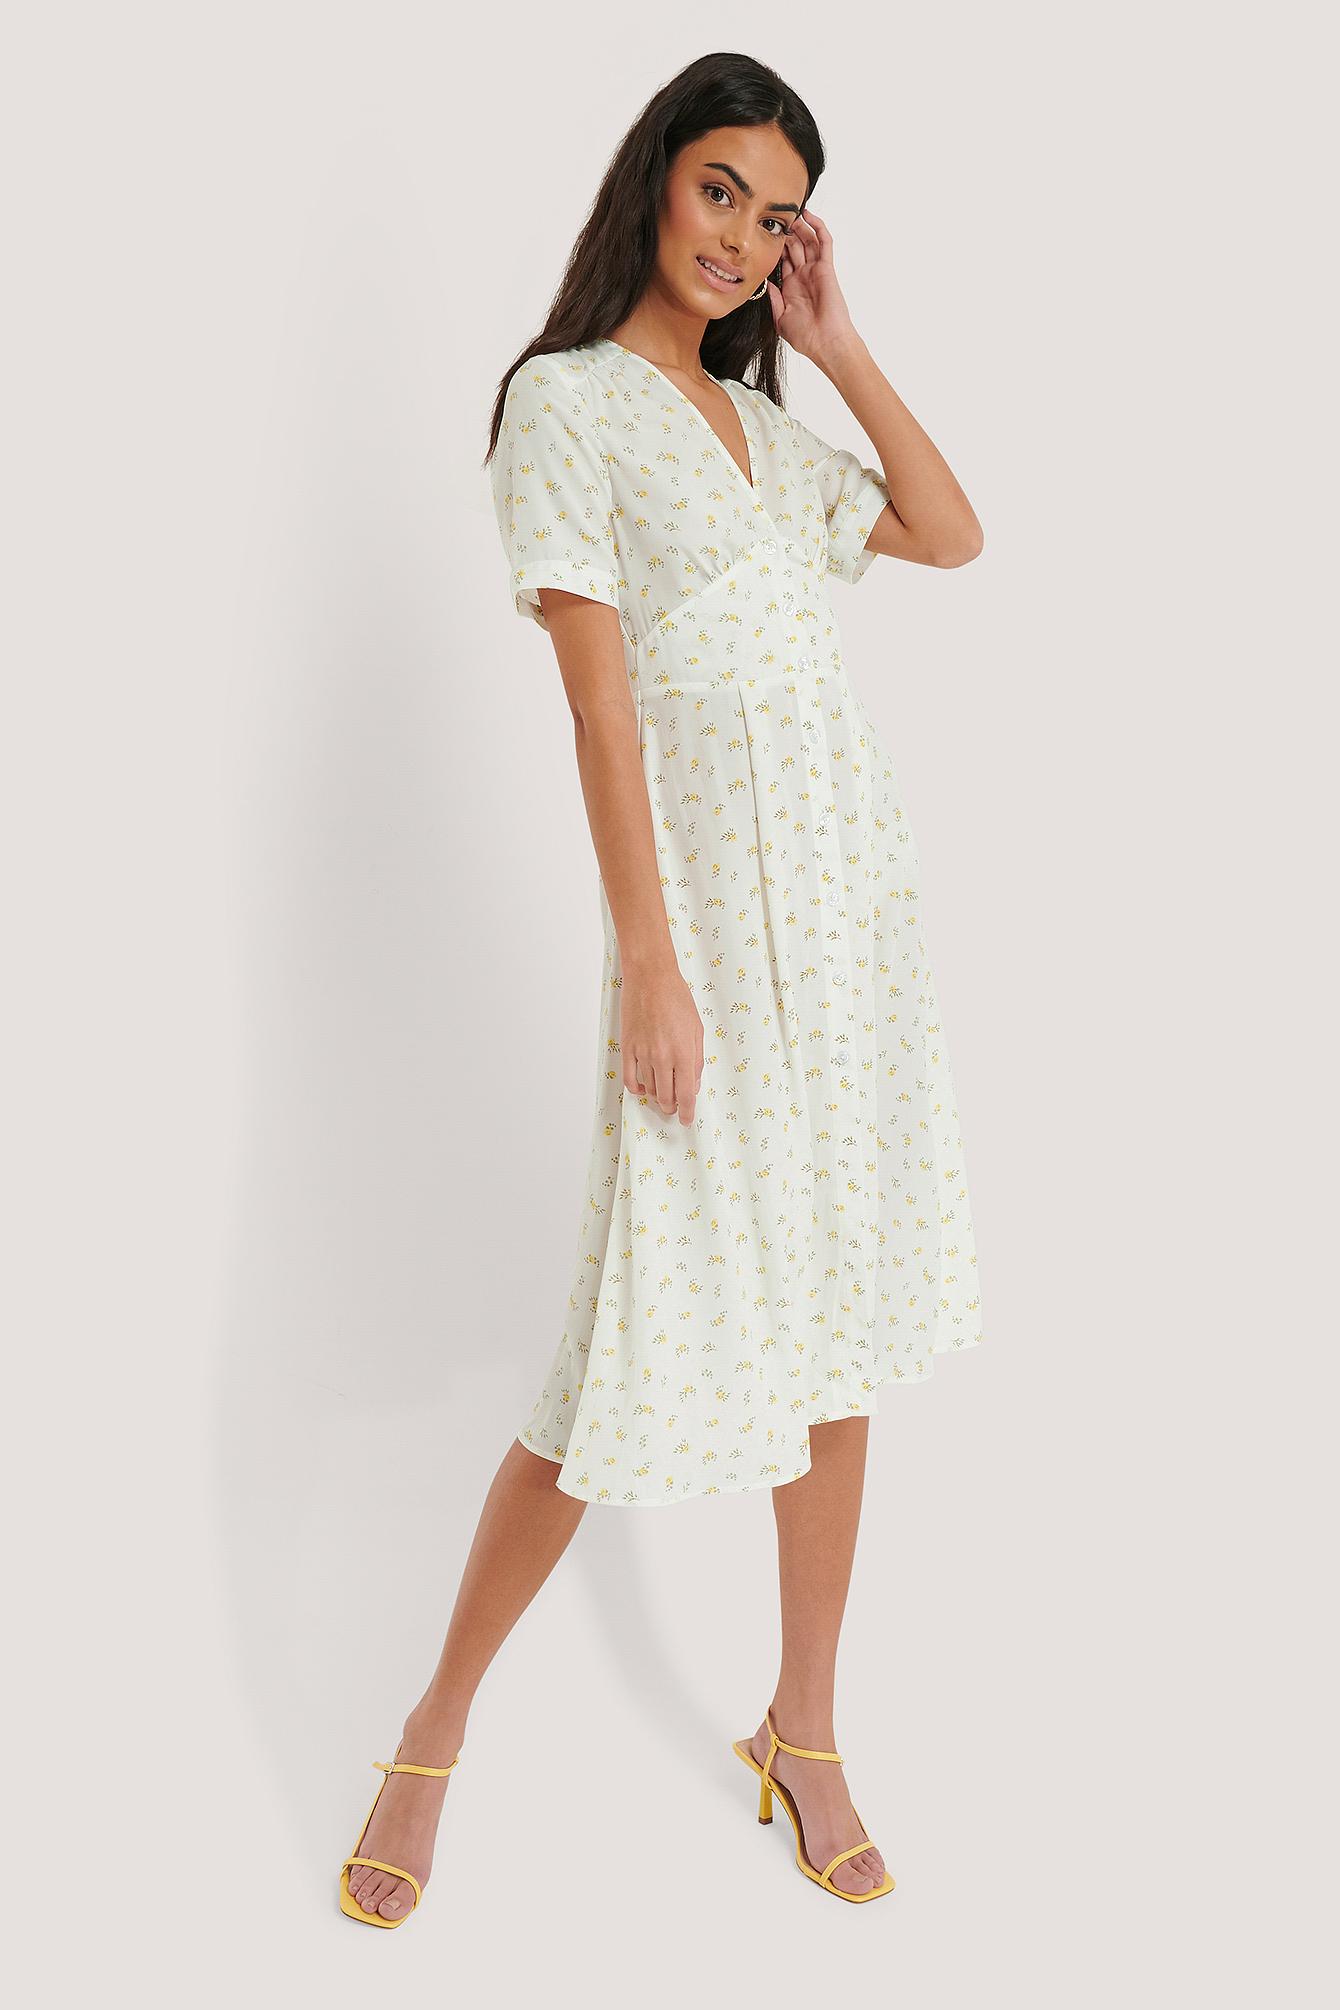 blumenbedrucktes kleid mit v-ausschnitt